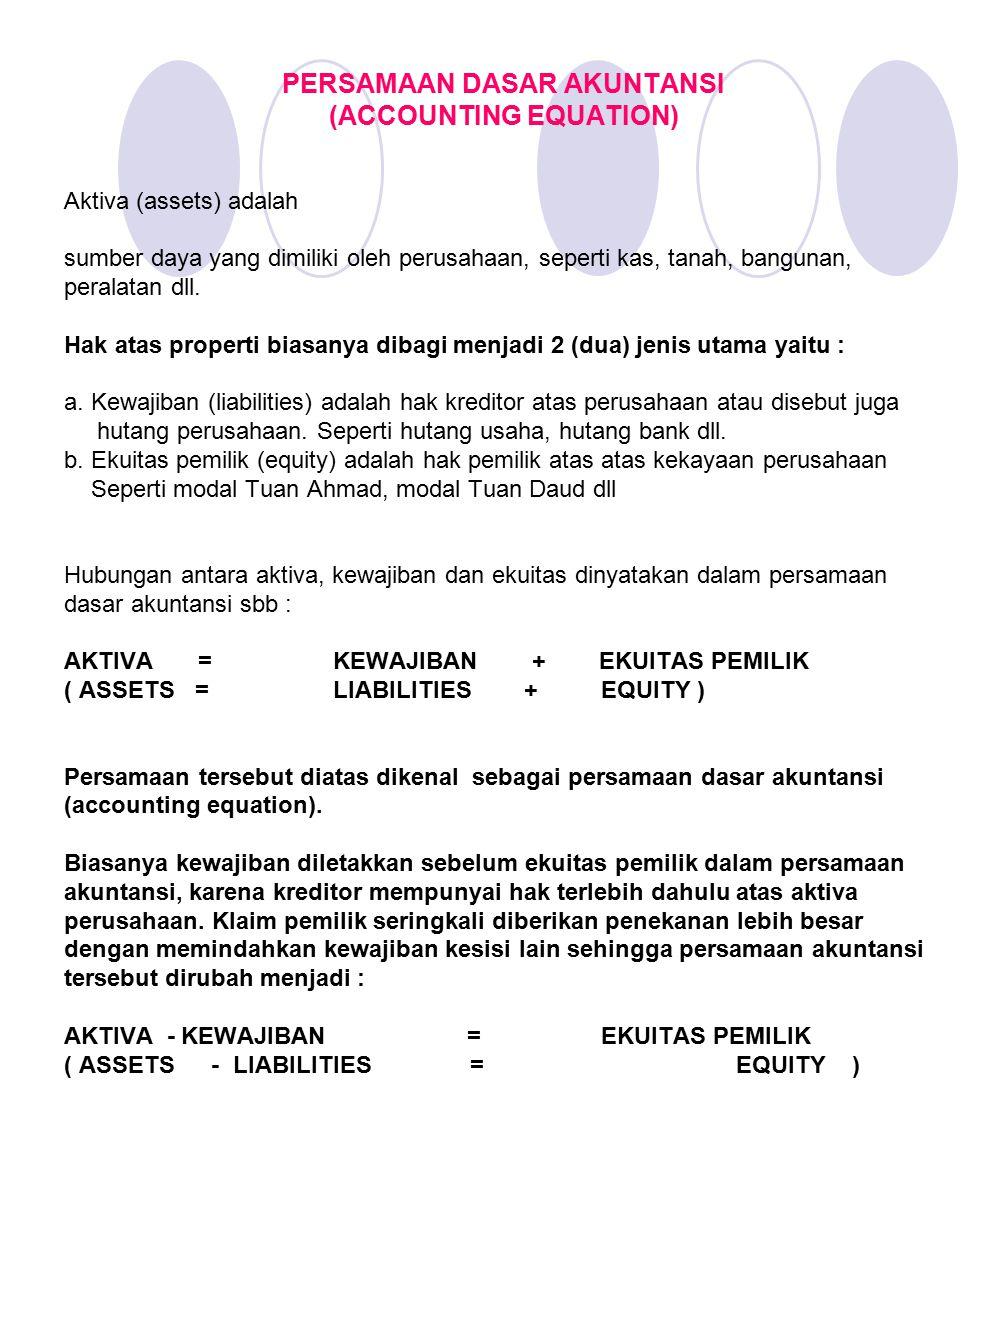 PERSAMAAN DASAR AKUNTANSI (ACCOUNTING EQUATION)